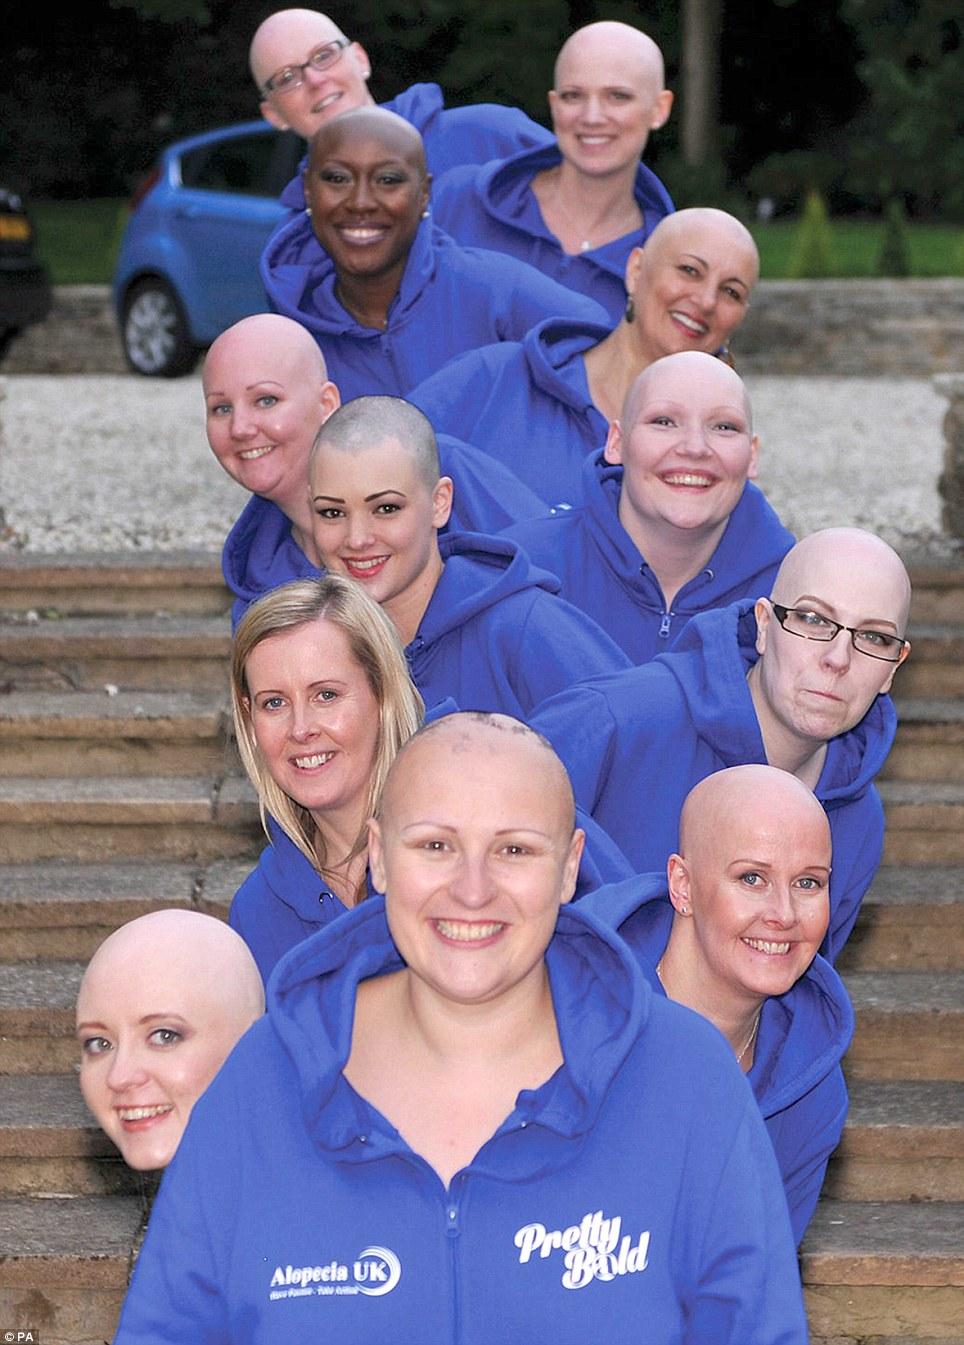 Рак так так лысая девчонка 19 фотография